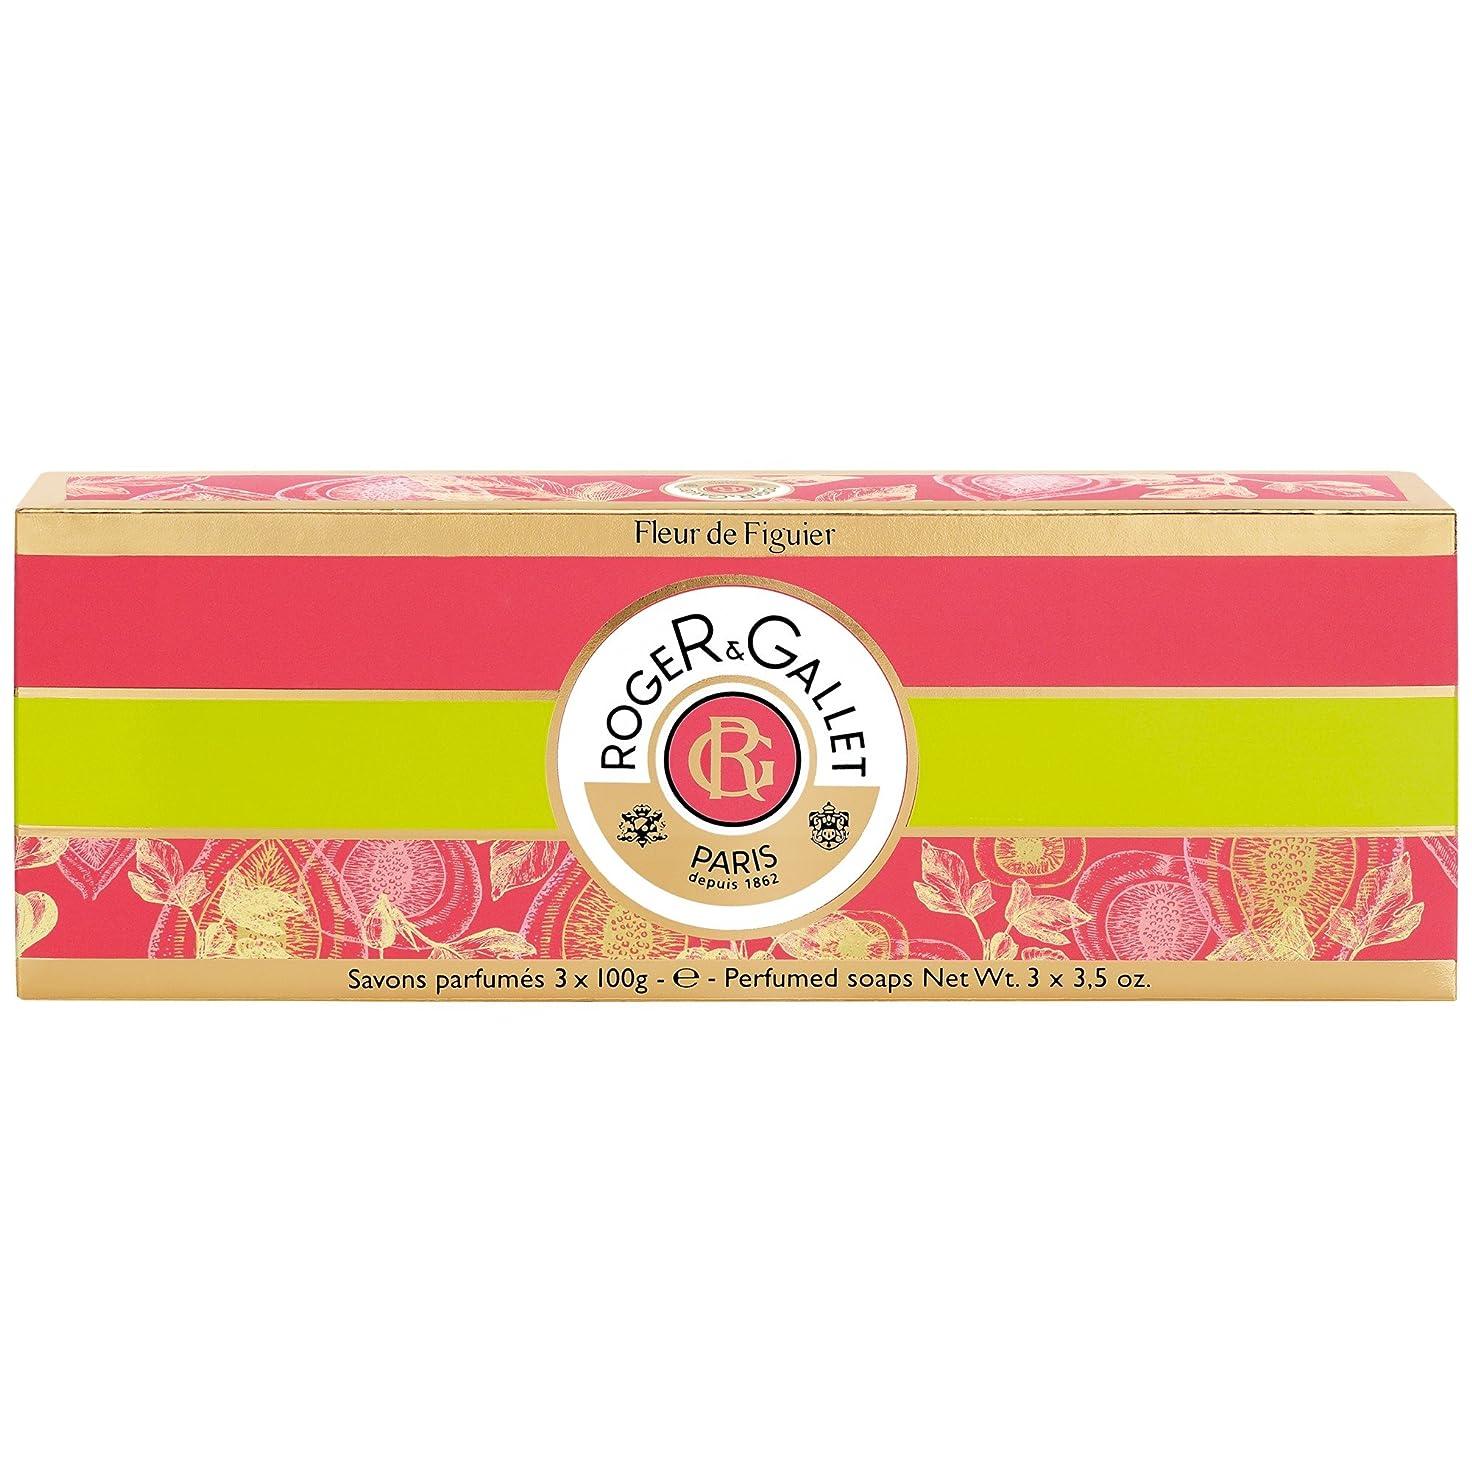 無意味プログラムステートメントロジャー&Galletのフルール?ド?フィギエソープコフレ3×100グラム (Roger & Gallet) (x2) - Roger & Gallet Fleur de Figuier Soap Coffret 3 x 100g (Pack of 2) [並行輸入品]